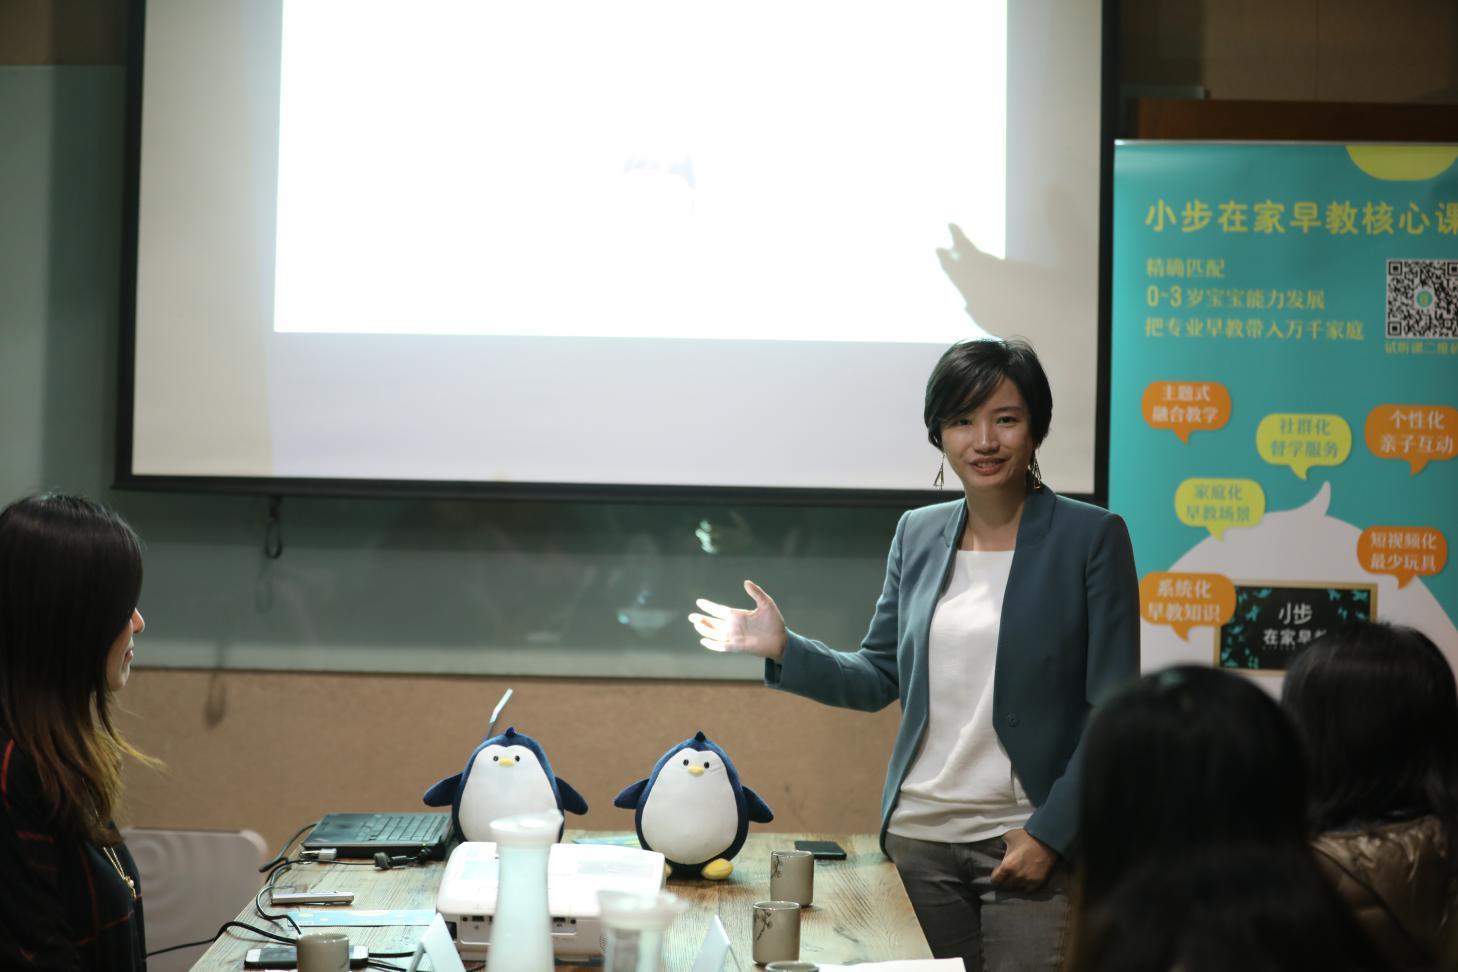 小步在家早教创始人兼CEO彭琳琳 深入父母教育改变早教模式